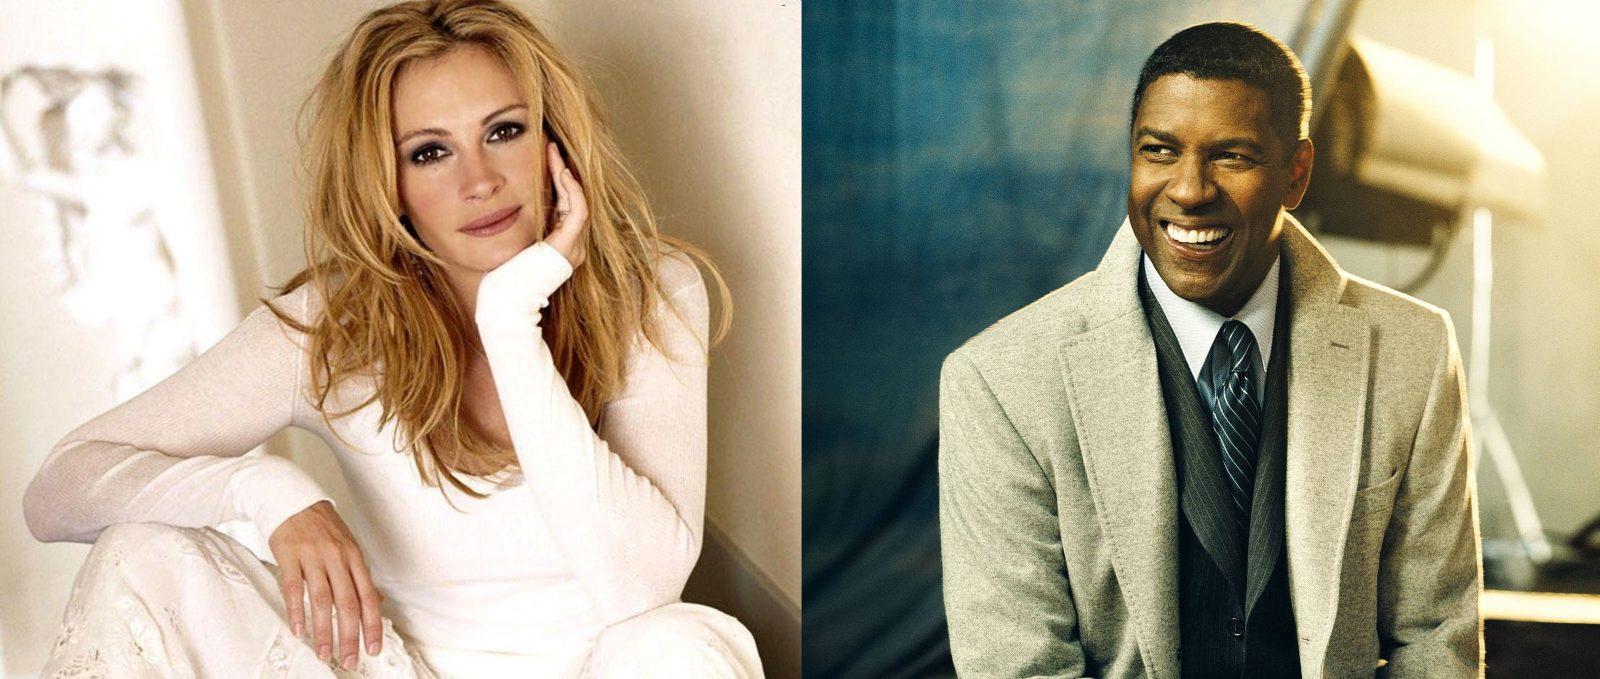 Джулия Робертс и Дензел Вашингтон сыграют в триллере Netflix